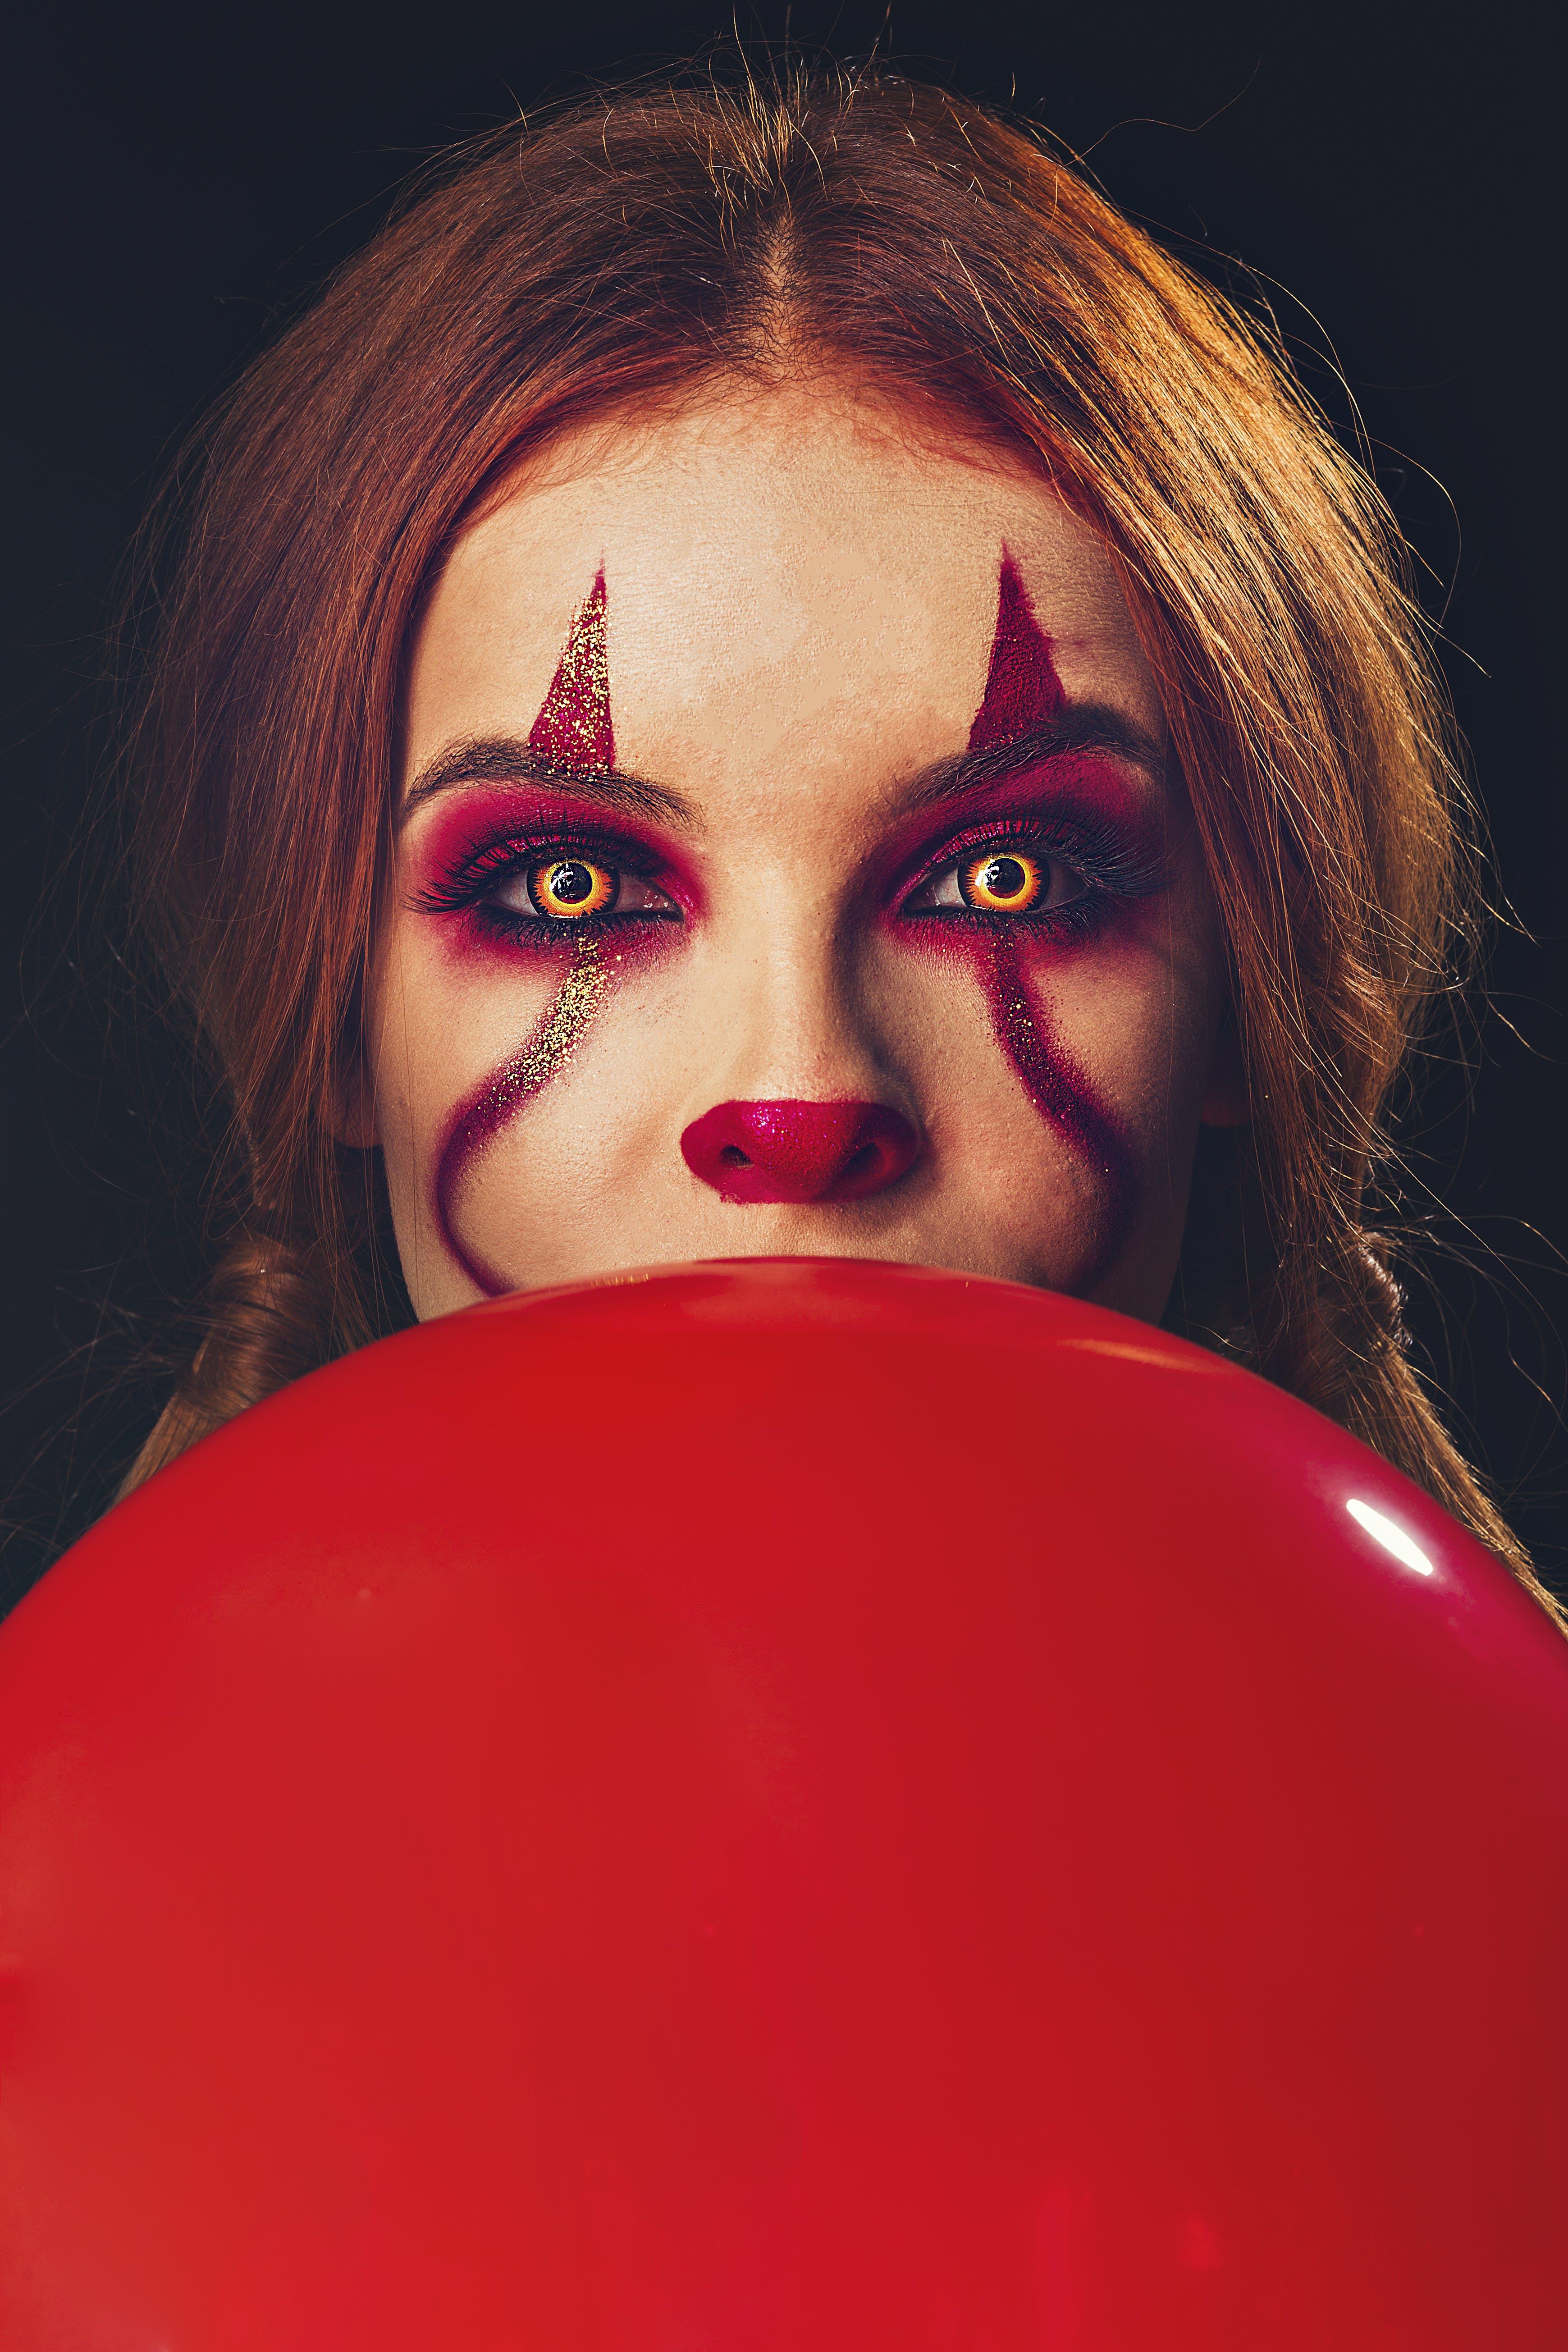 Kostenloses Stock Foto zu angst, augen, ballon, clown